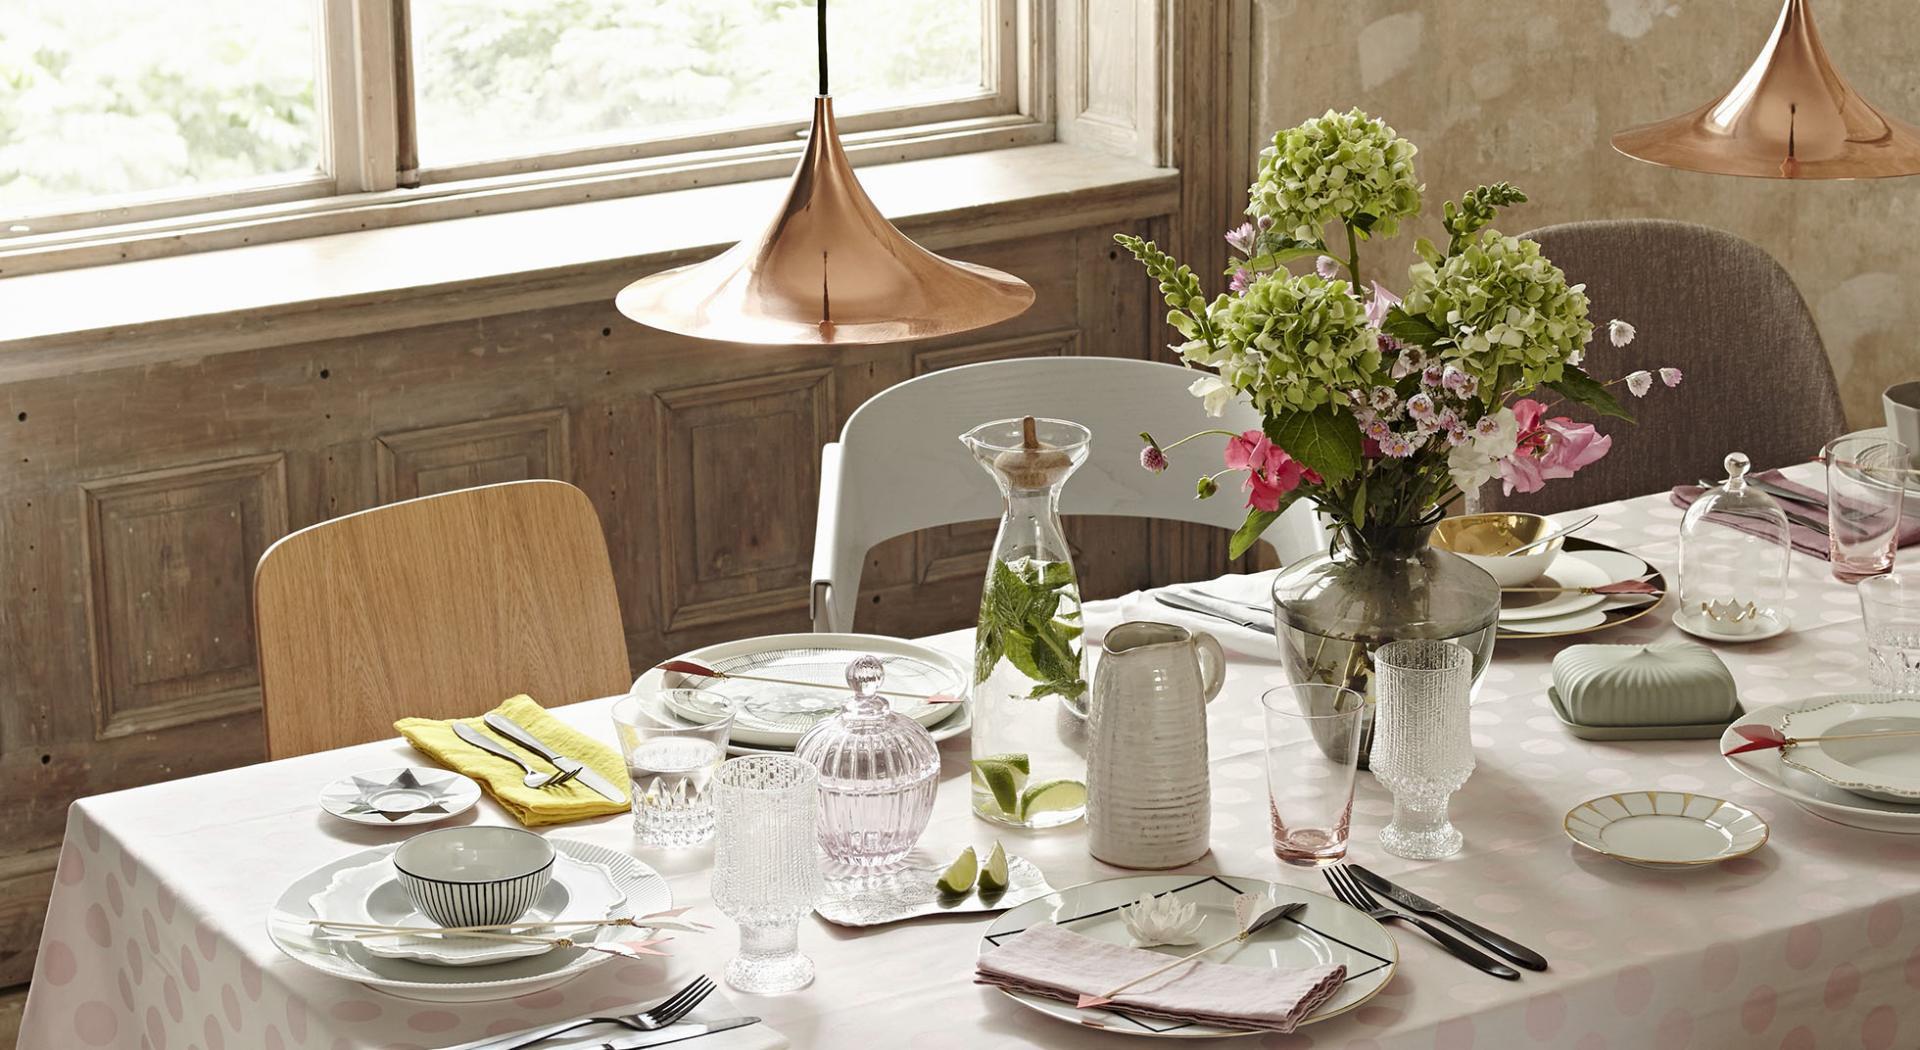 Come Apparecchiare La Tavola Galateo galateo: come servire a tavola in modo impeccabile | aia food